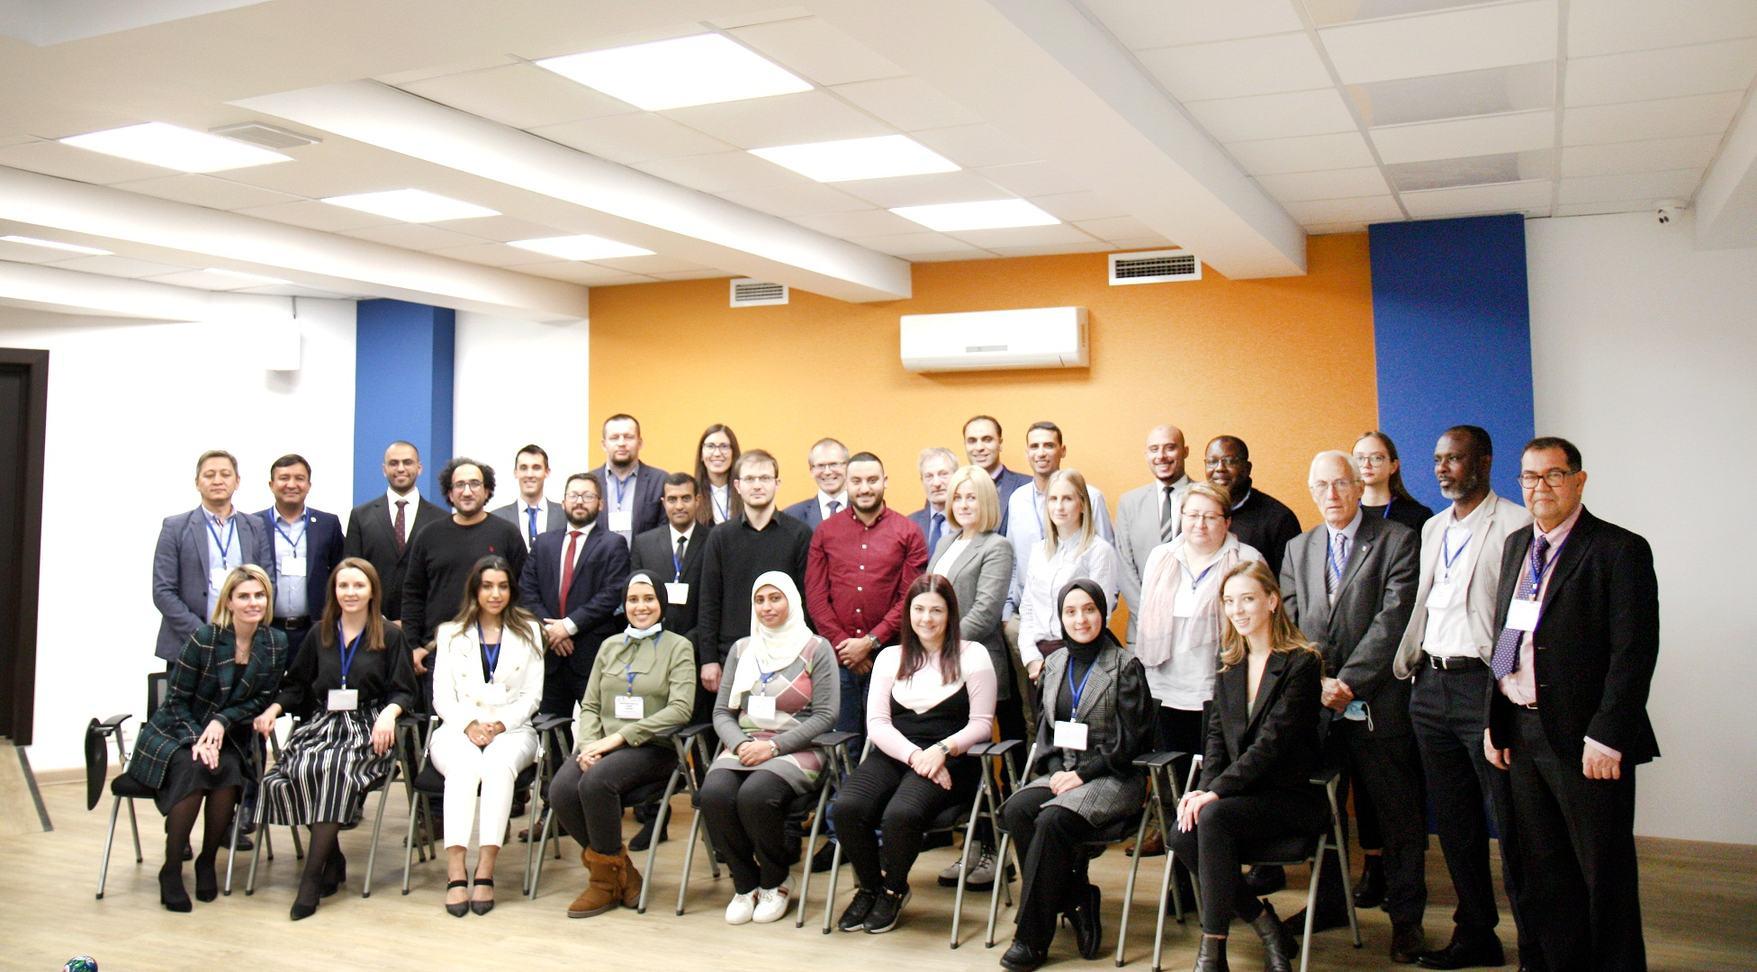 Завершилась очная часть совместной Школы Росатома и МАГАТЭ по менеджменту в области ядерной энергии